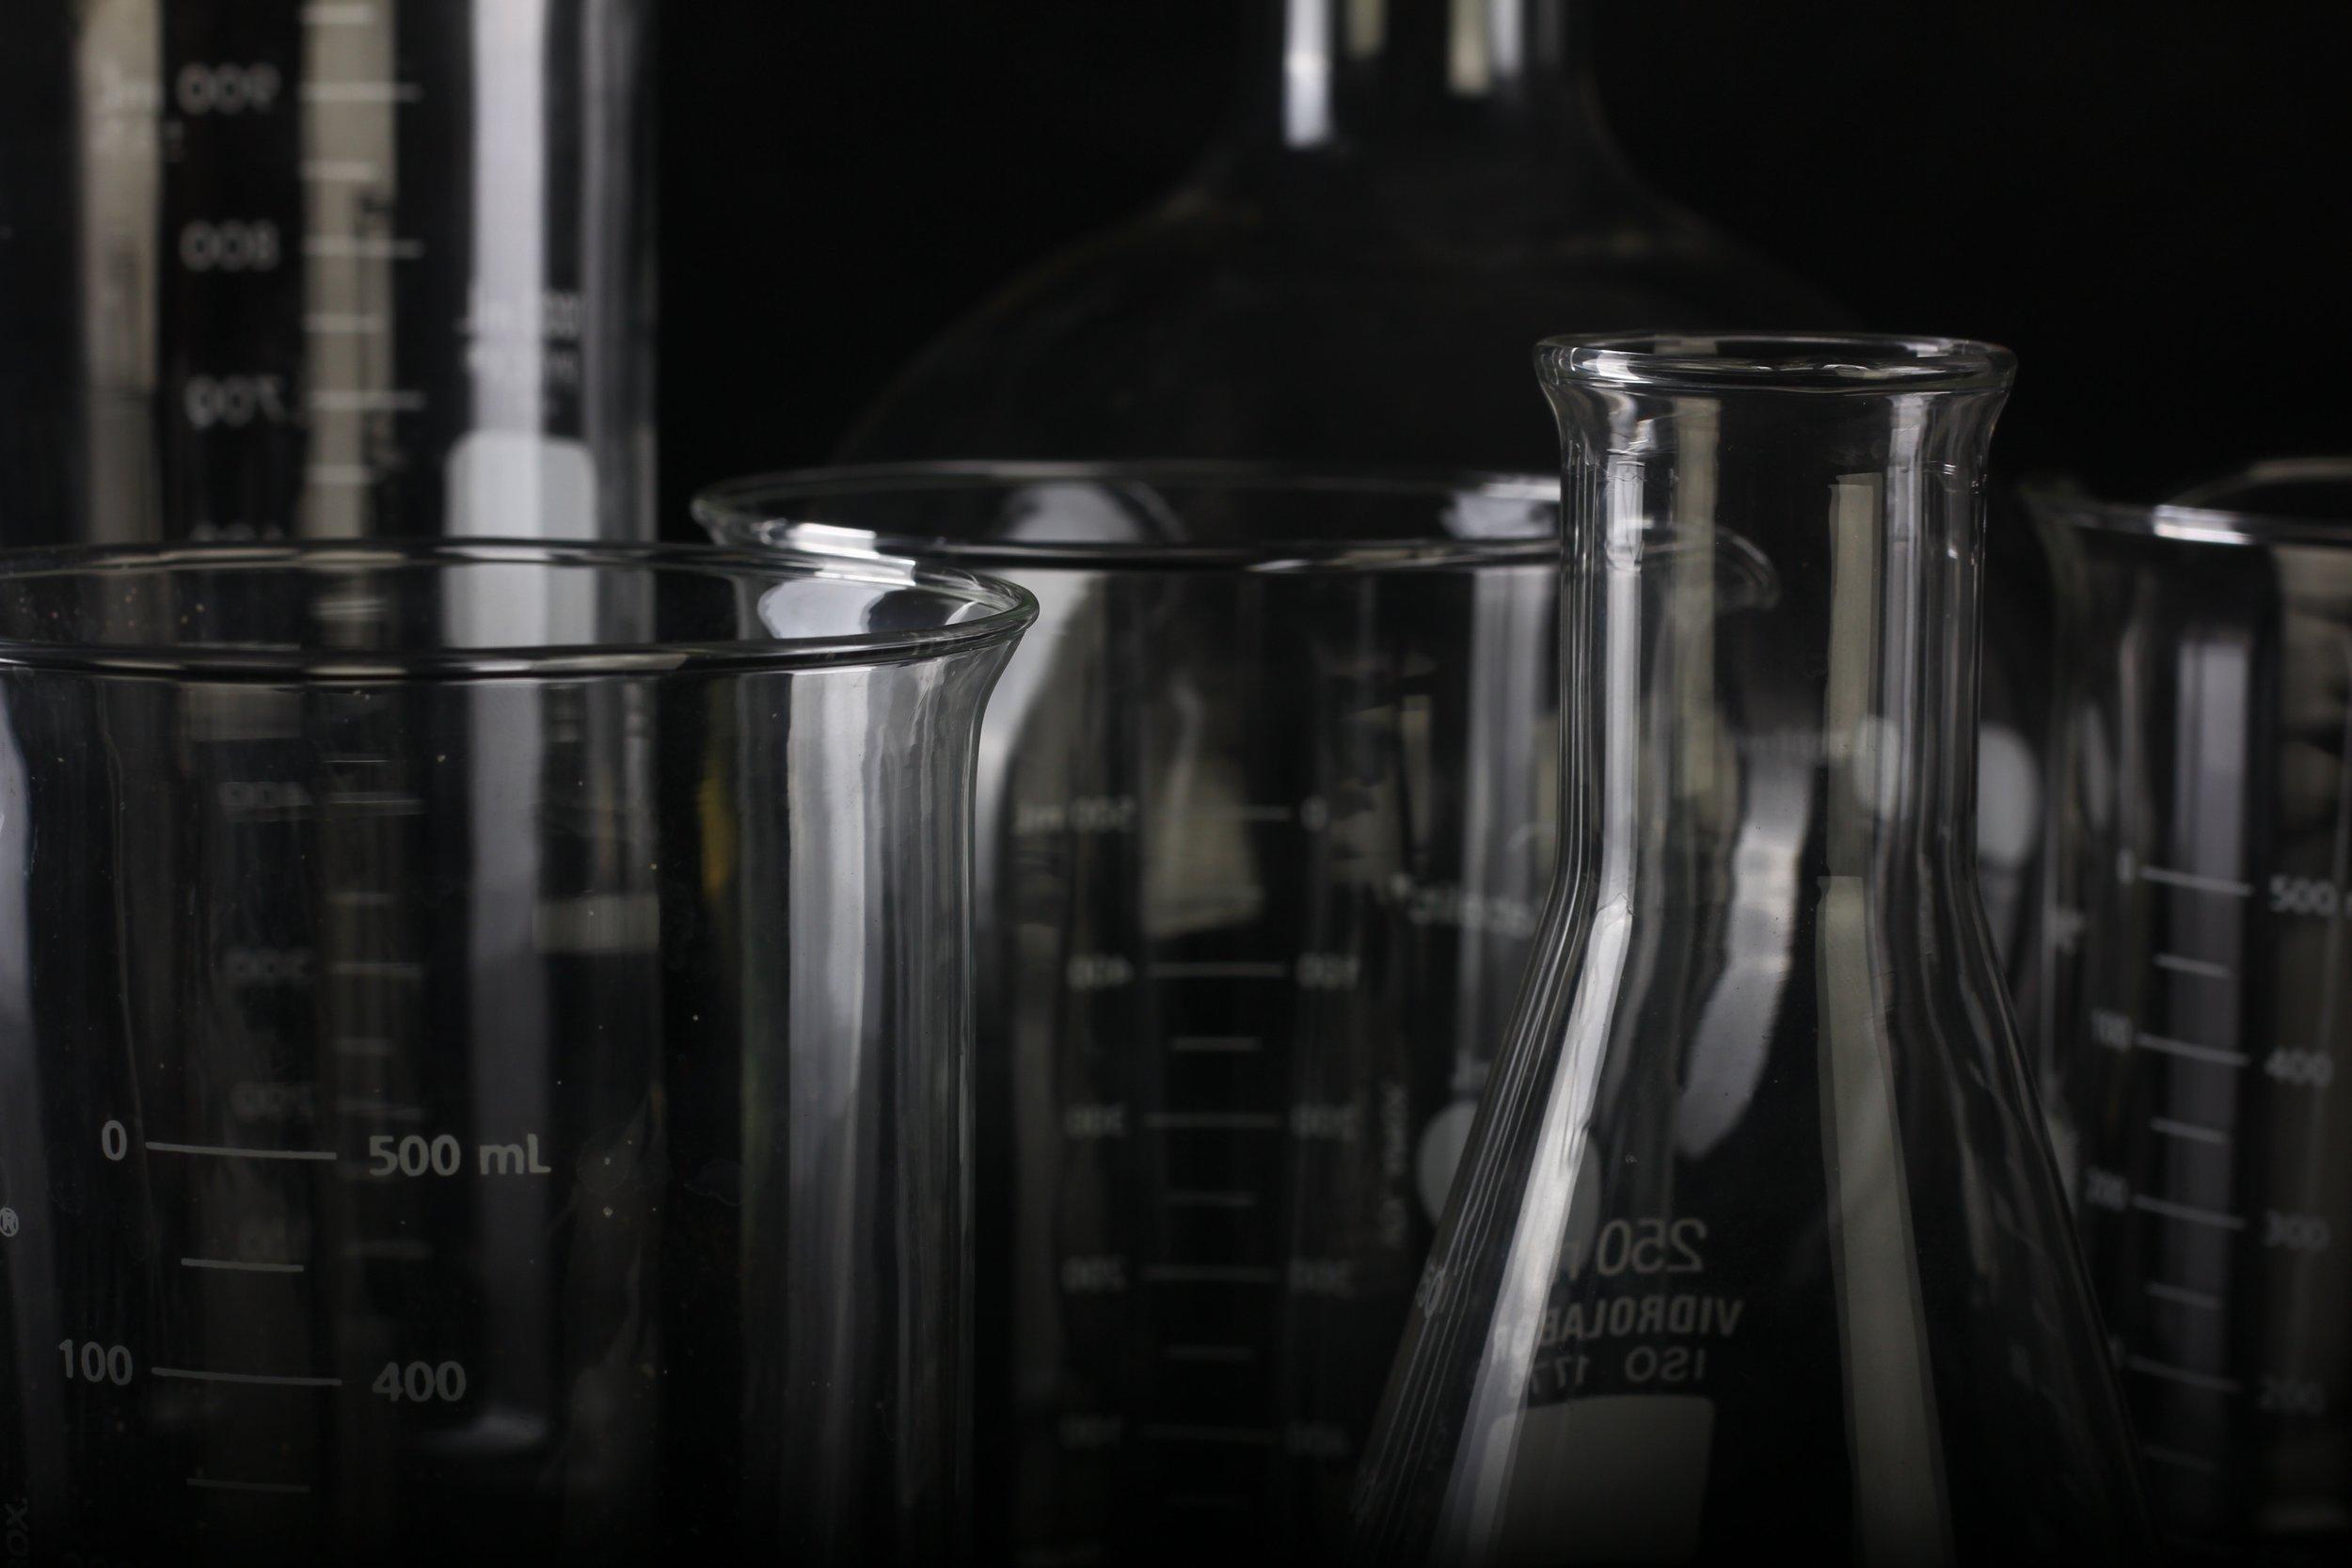 beaker-biology-chemical-1366942.jpg